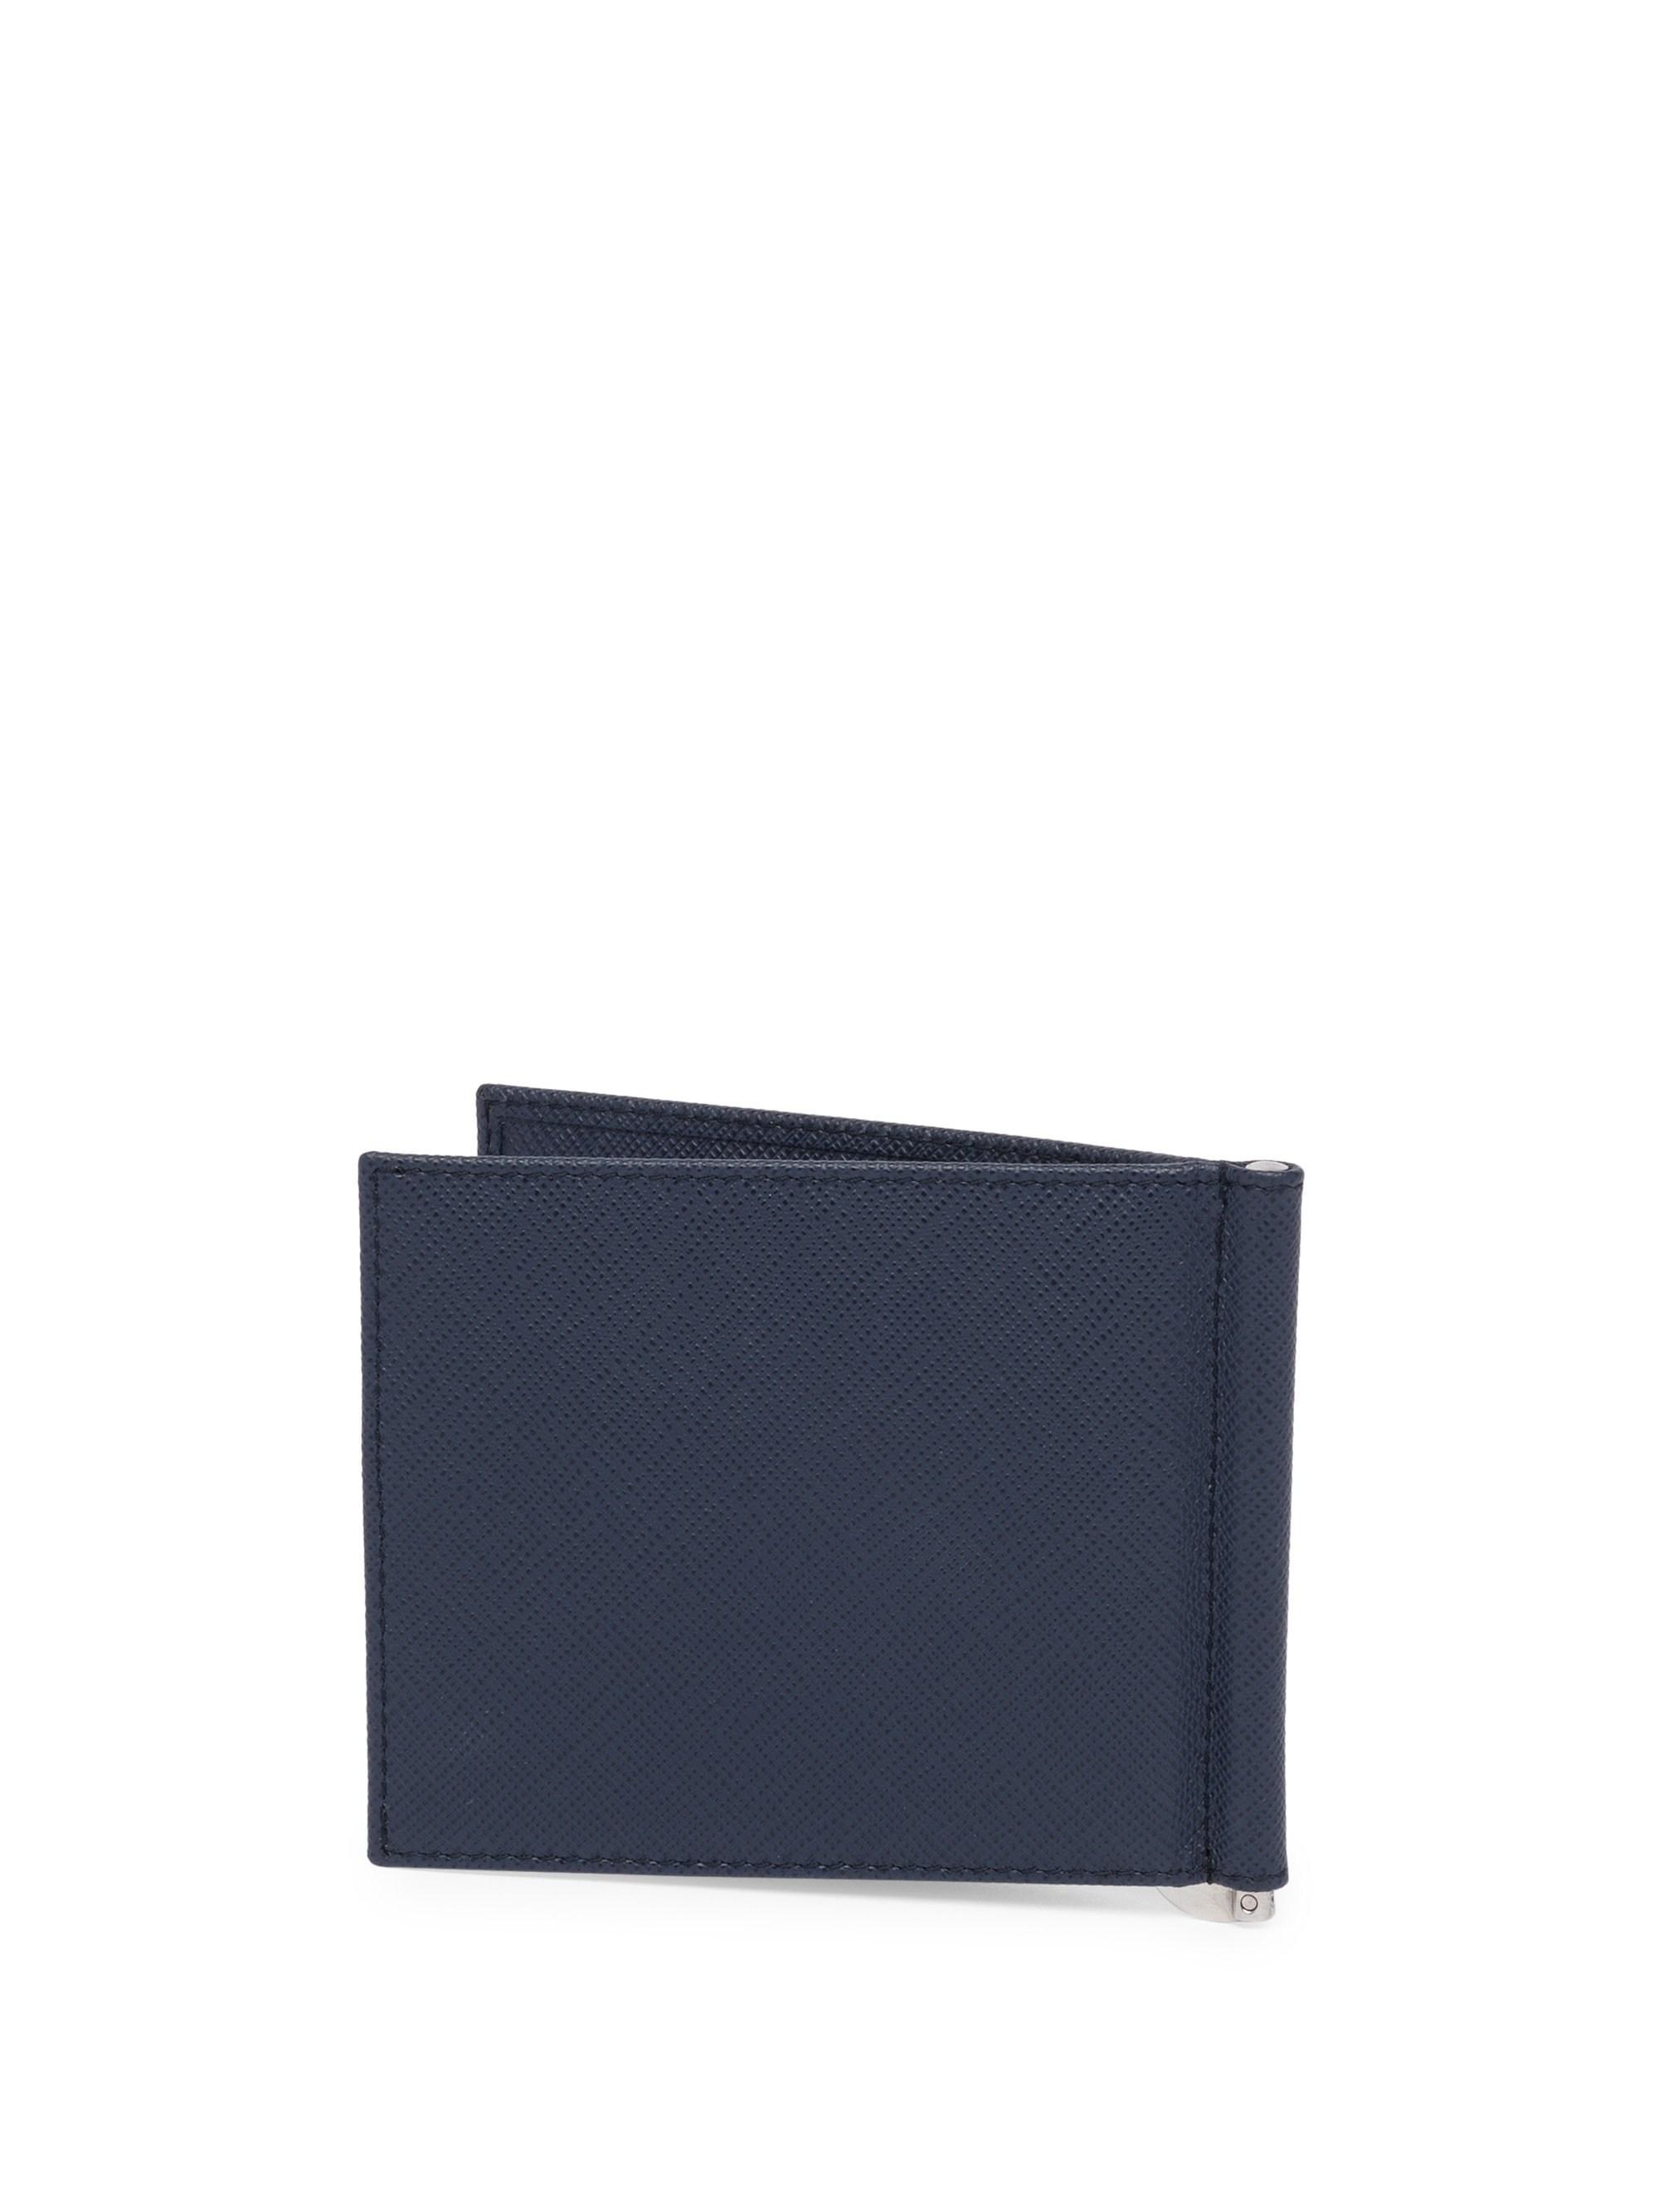 49661dec87cb Prada Men's Saffiano Leather Triangolo Billfold Wallet - Baltico in Blue  for Men - Lyst